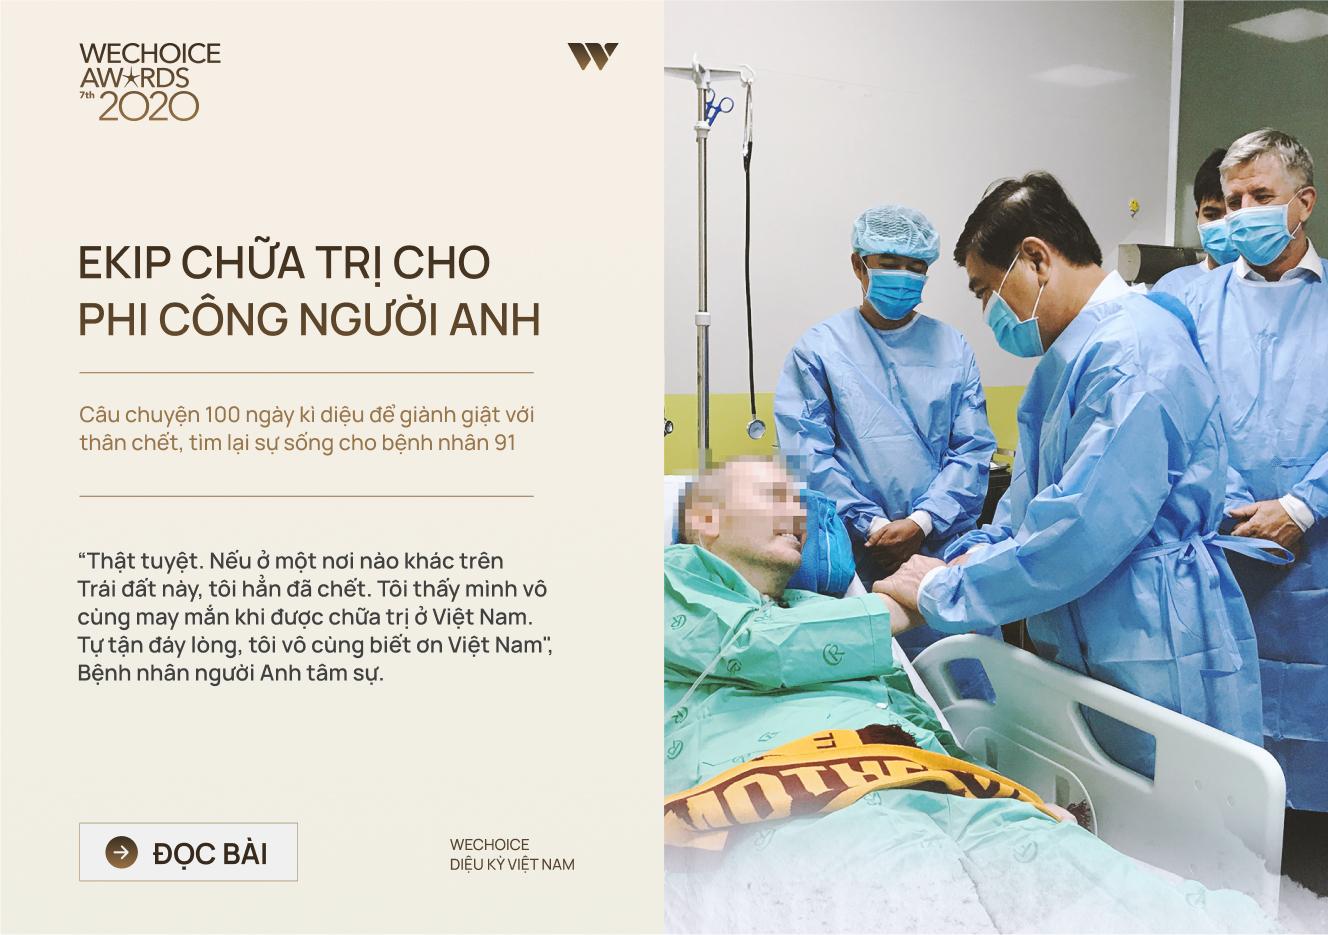 20 đề cử nhân vật truyền cảm hứng của WeChoice Awards 2020: Những câu chuyện tạo nên Diệu kỳ Việt Nam - Ảnh 9.